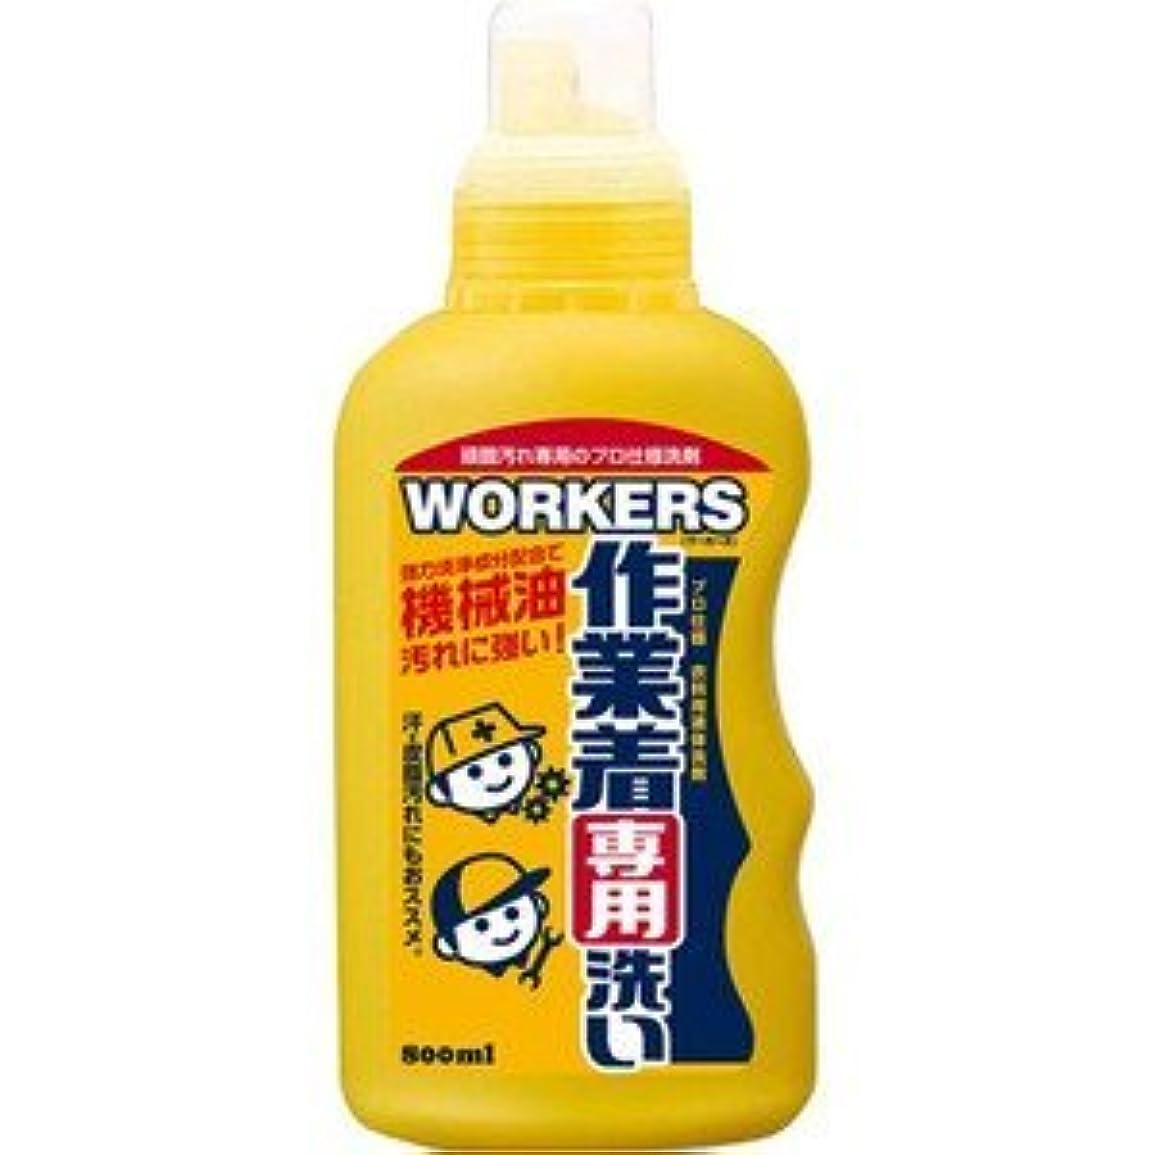 実業家観客小学生(NSファーファ?ジャパン)WORKERS 作業着液体洗剤 本体 800ml(お買い得3個セット)